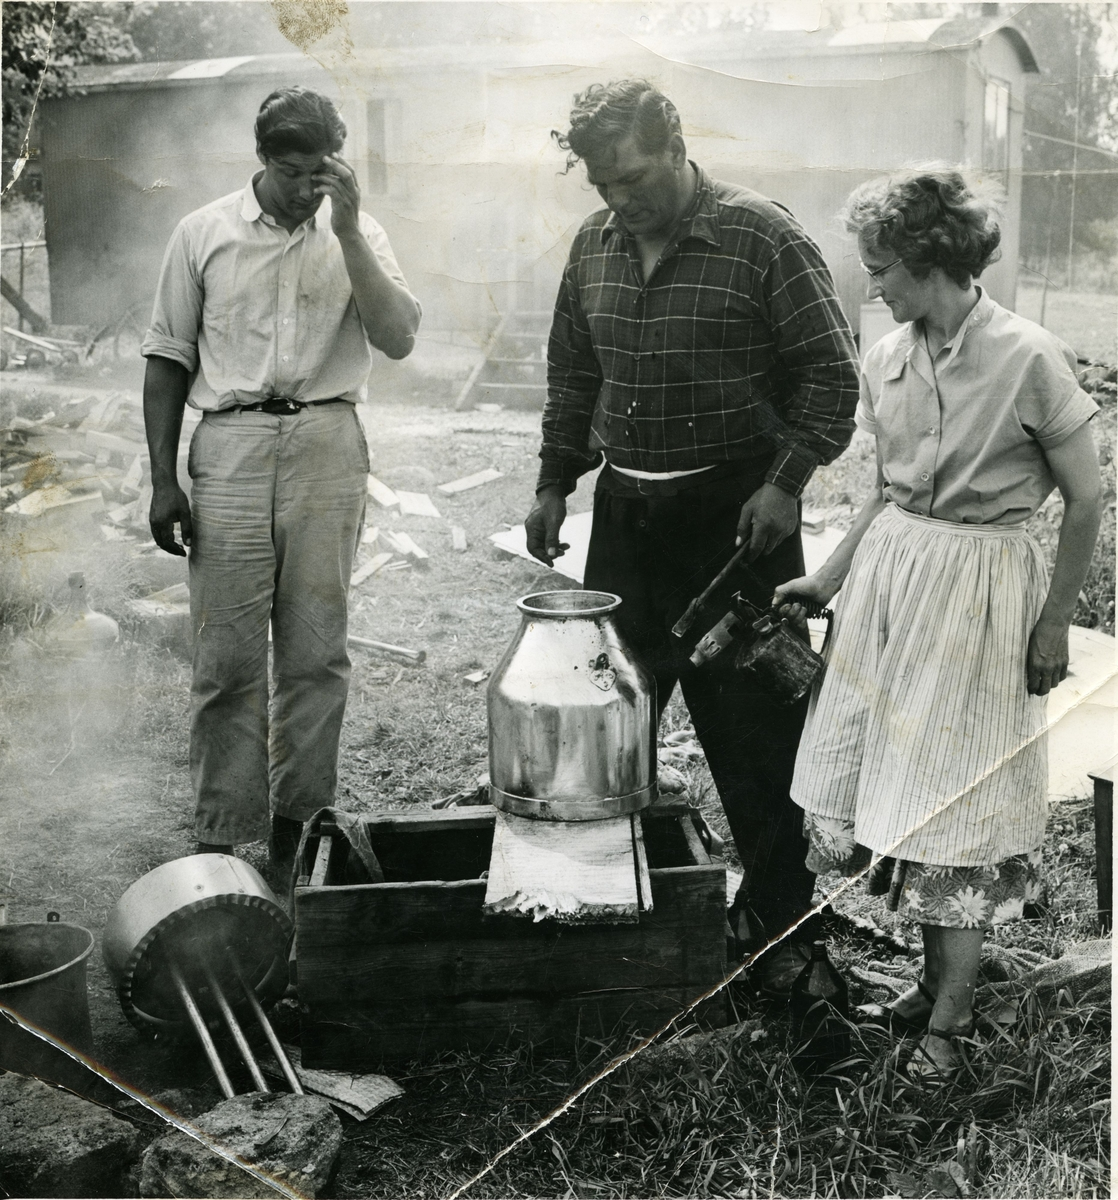 Bilden föreställer förtenning av kopparföremål. Att invändigt förtenna kopparföremål har historiskt varit en vanlig och viktig källa till inkomst för romer i Sverige. Utrustningen till förtenningsarbeten gick bra att ha med sig då man tvingades flytta och man kunde på så sätt resa från gård till gård och förtenna deras kopparföremål. Tillgången till förtenningsarbeten minskade dock med den intensifierade industrialiseringen och under efterkrigstiden blev det vanligare att köpa nya föremål än att förtenna om de gamla. Människor som länge tjänat sitt uppehälle på detta hantverk fick då svårare att klara sig.